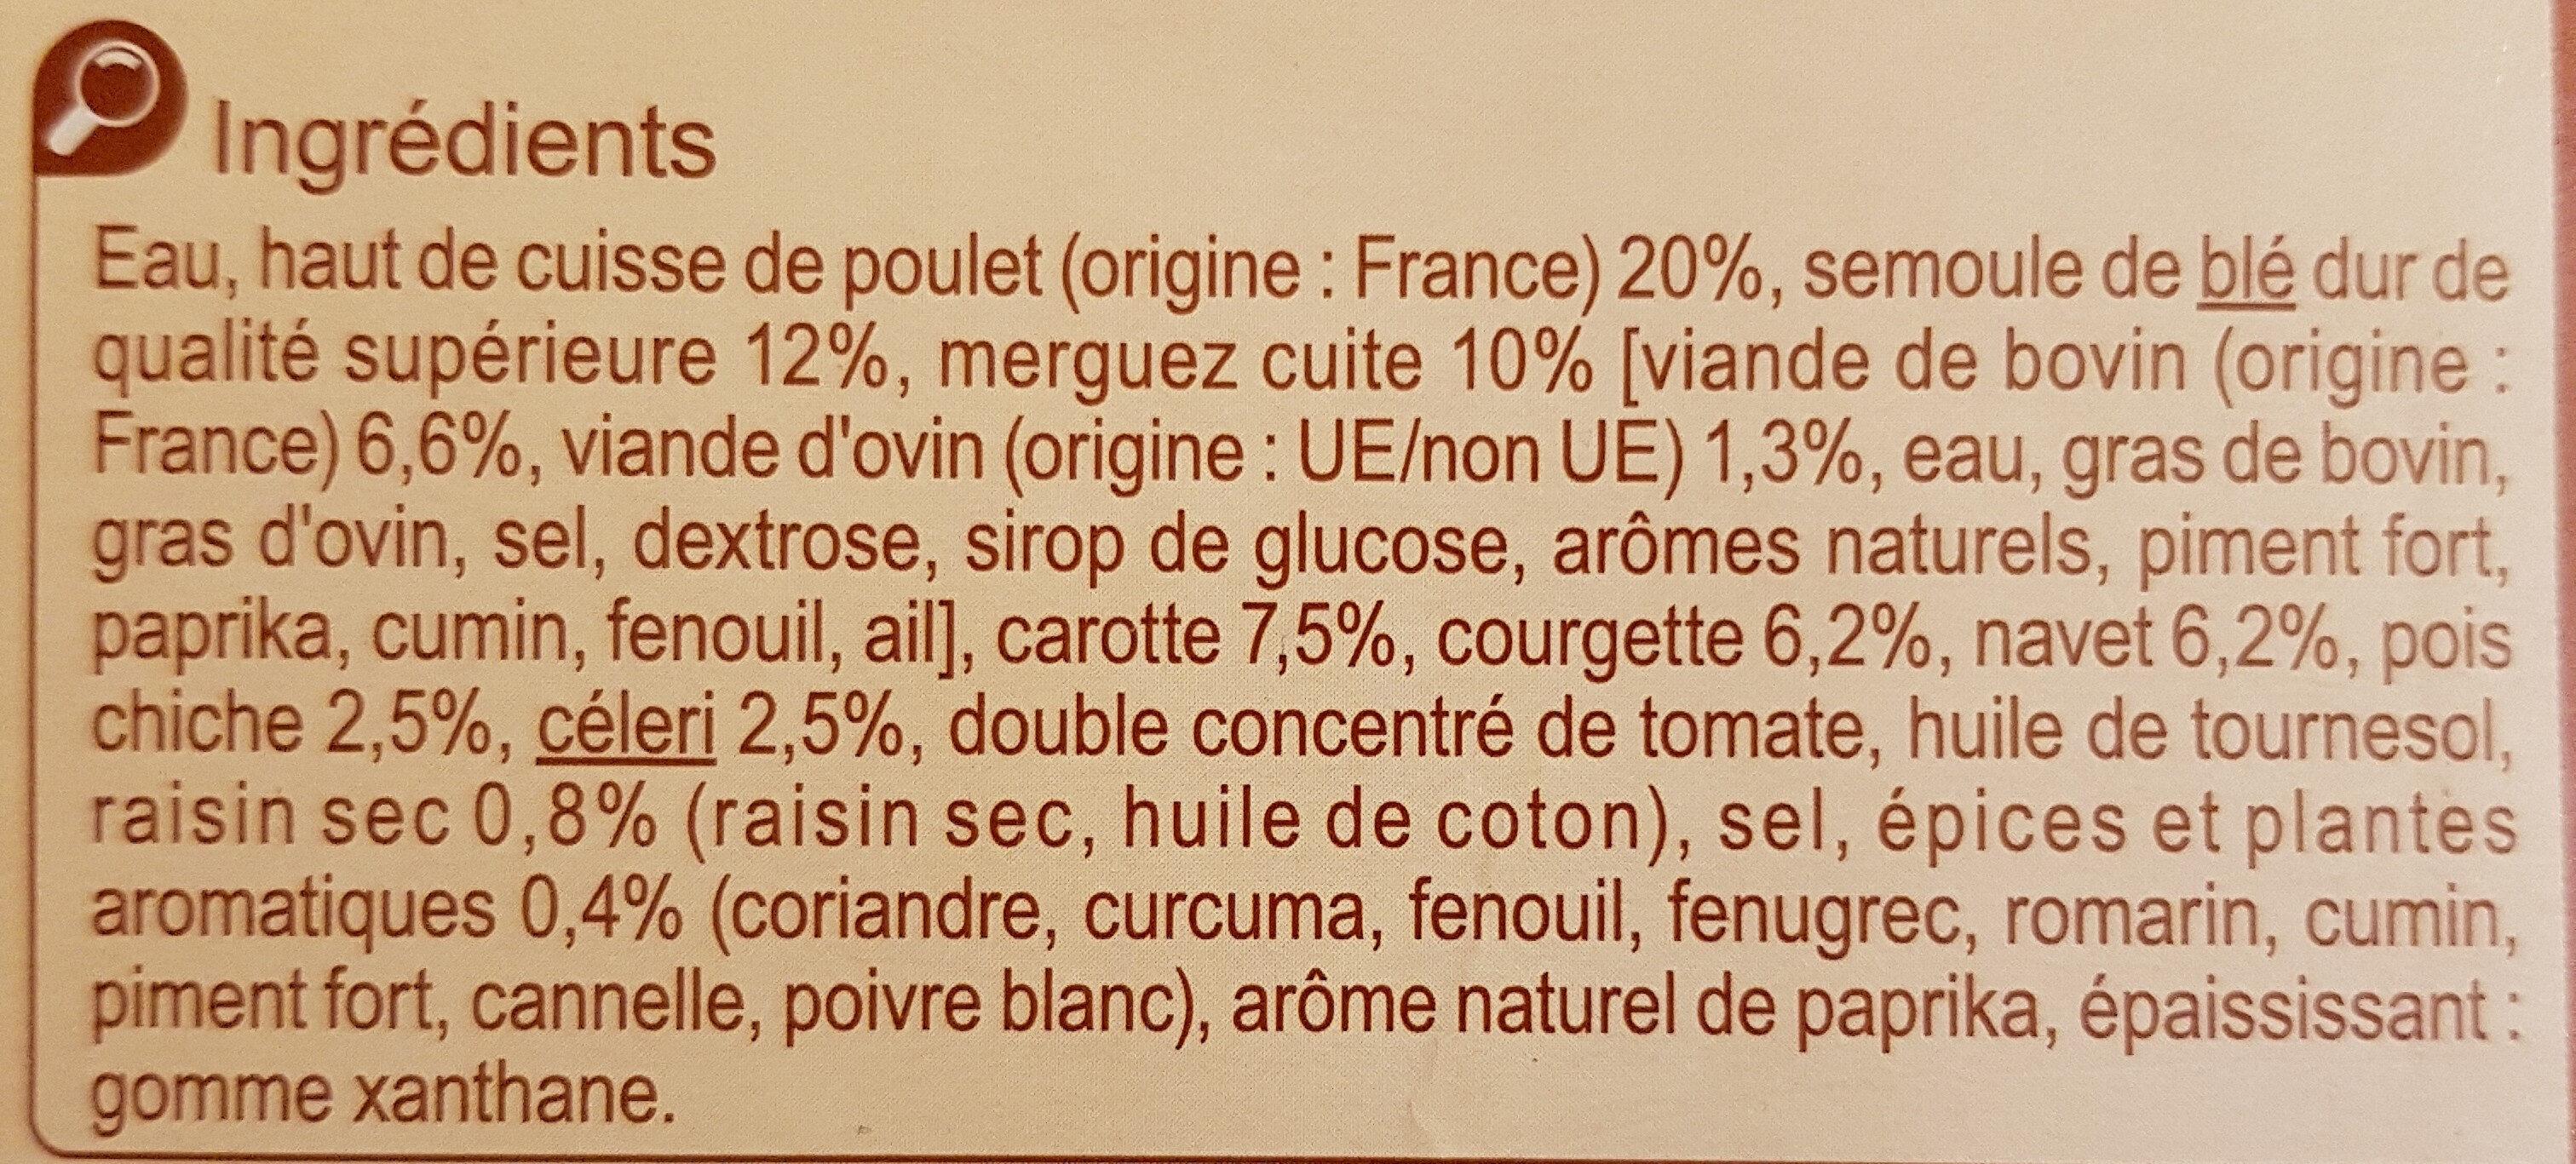 Couscous Poulet Merguez - Ingredients - fr